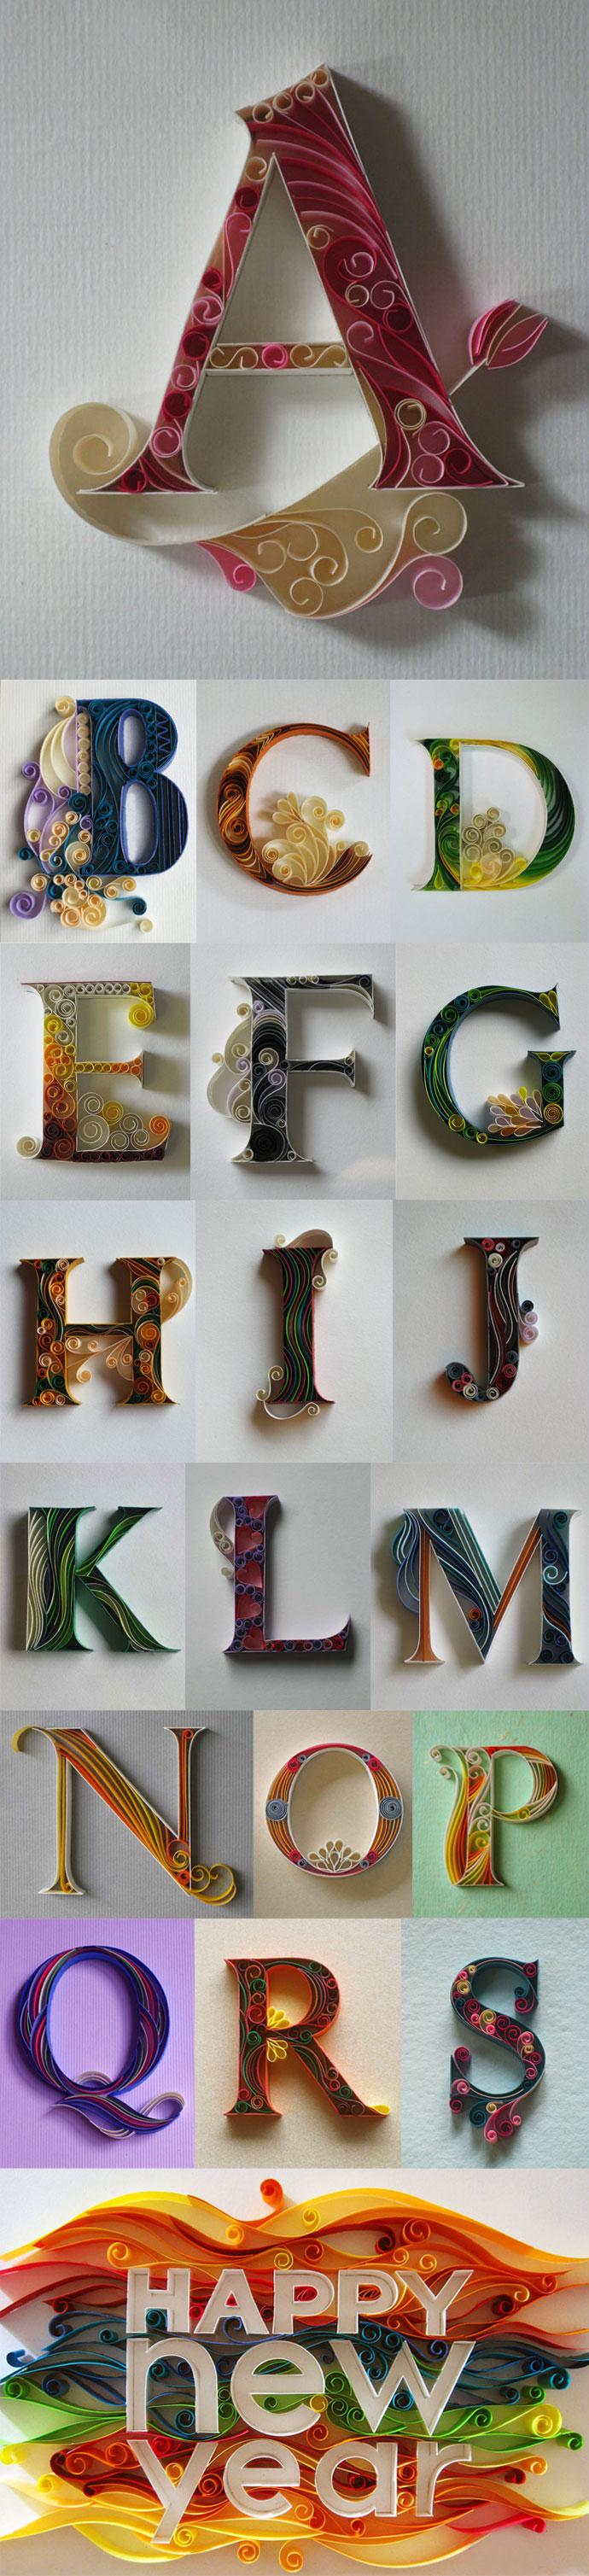 type designer